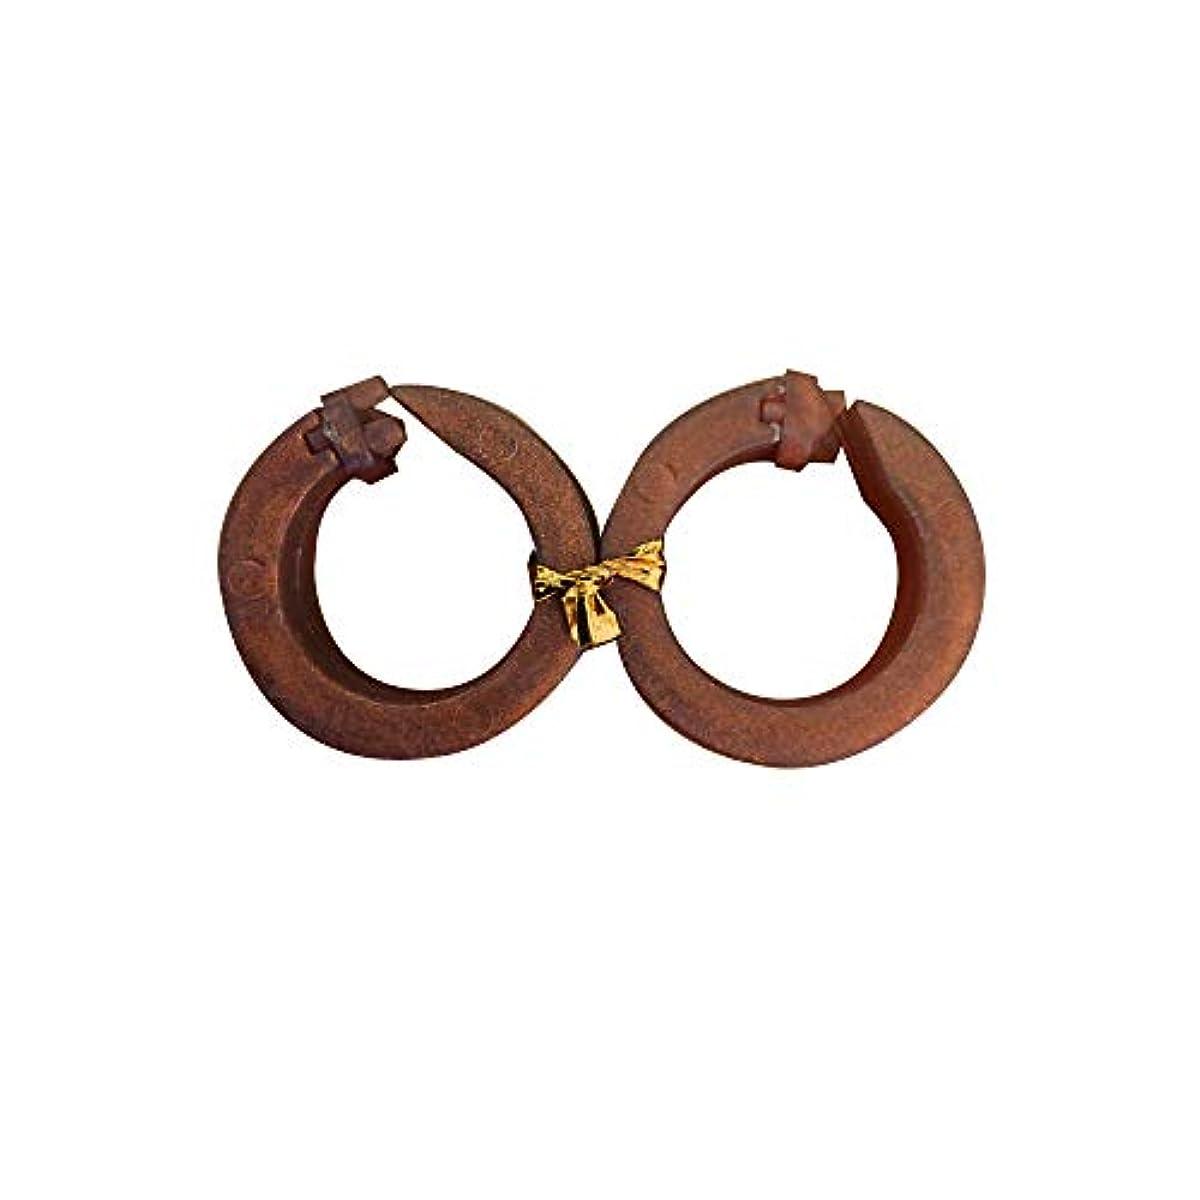 焼くハドルアプト【サフランフィールド】 耳つぼ ダイエットリング 美容 耳つぼ美人 ゴールドブラウン